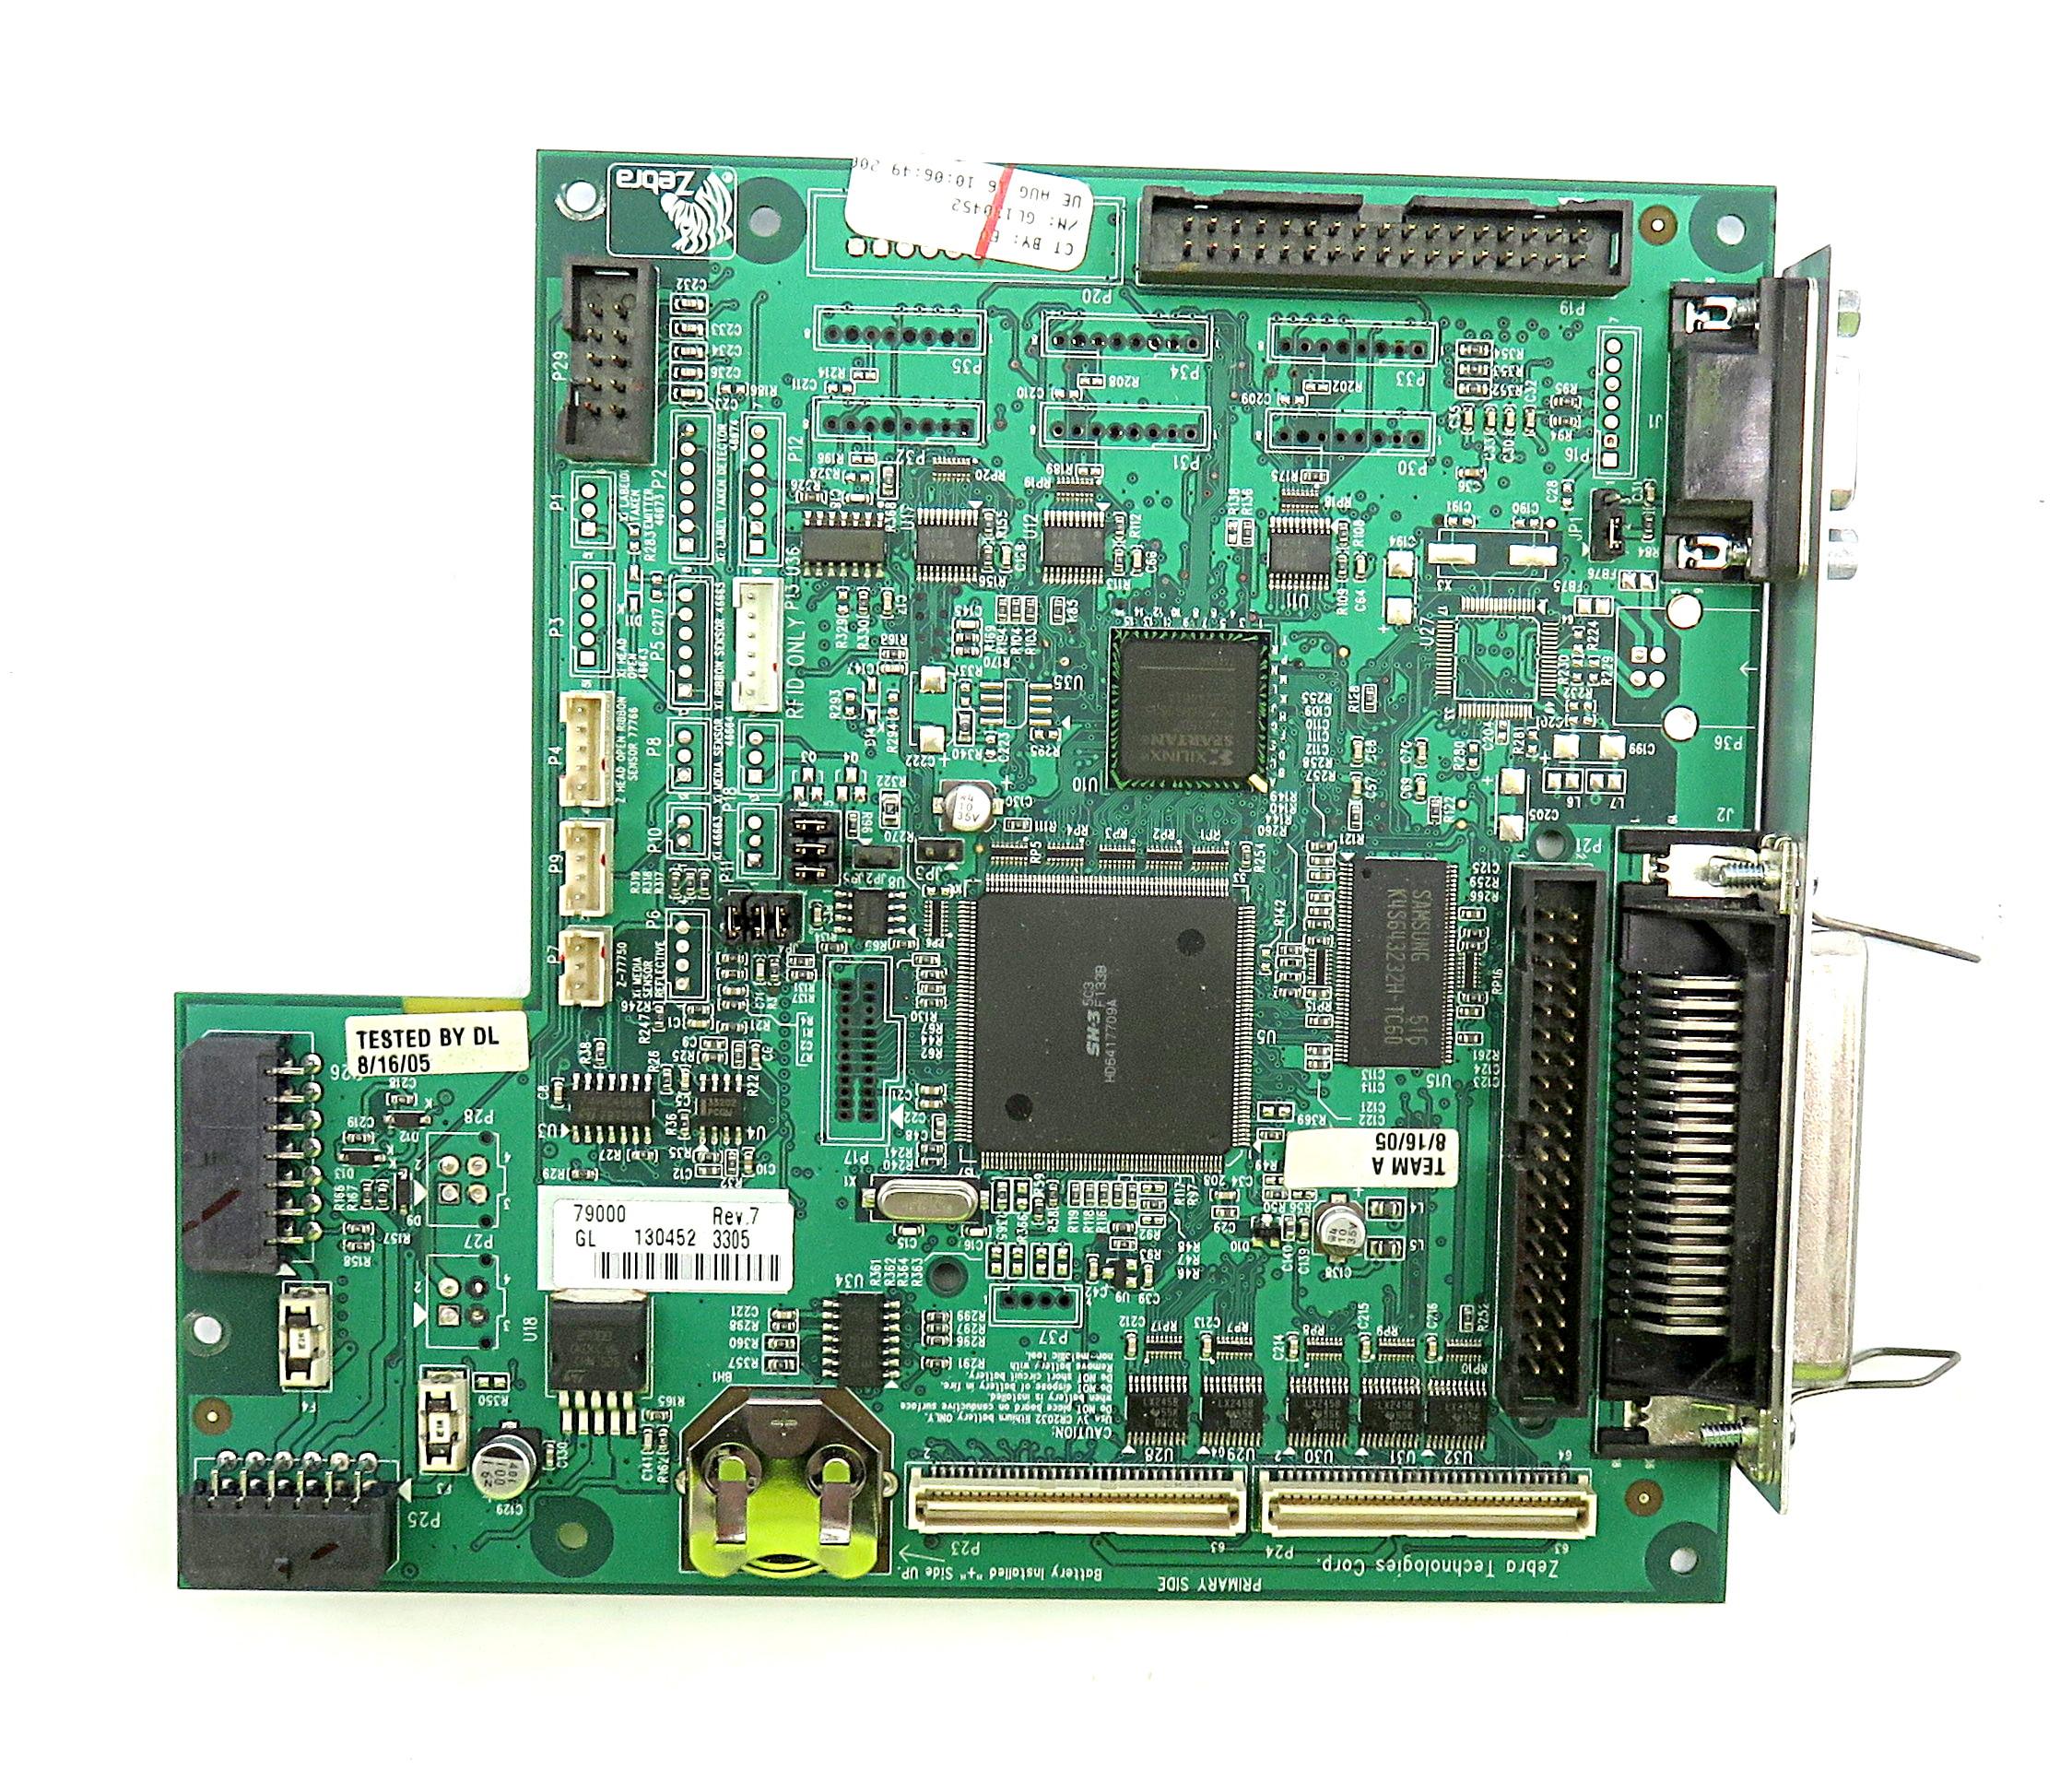 Zebra Z4Mplus Thermal Label Printer Main Logic Board 79000 Rev.7